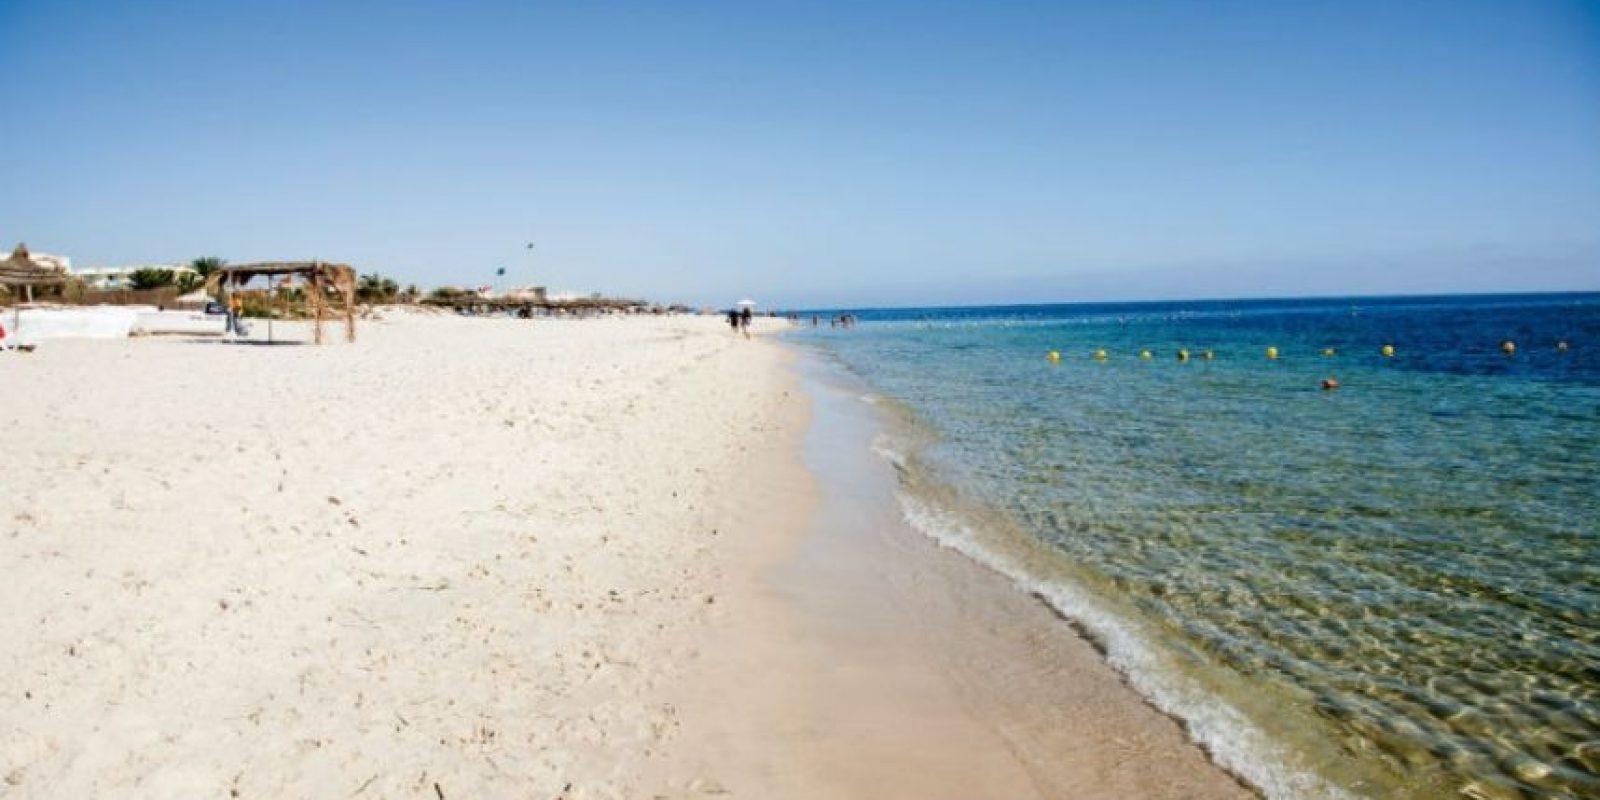 Port el Kantaoui se sitúa a unos pocos kilómetros al norte de Sousse y es una localidad formada alrededor de su puerto deportivo de construcción árabe. Foto:Riu.com